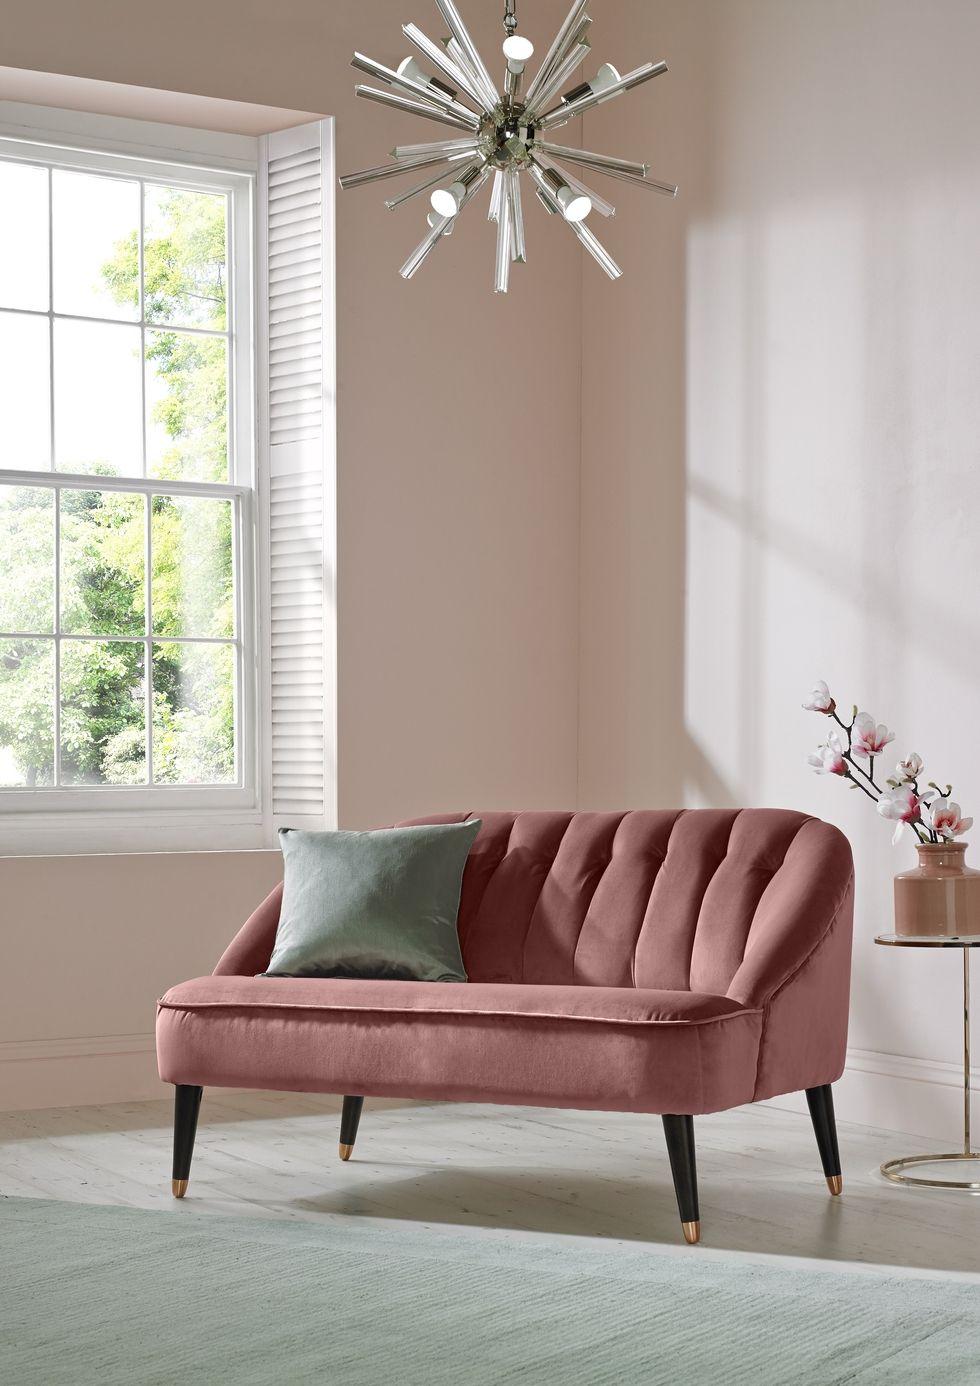 Изысканный румянец - Graham & Brown выбрали на 2018 год цветPenelope, оттенок запыленной розы, который создает новый вид нейтрального домашнего стиля. Это едва-заметный цвет соединяет простой шик серовато-бежевого с бодростью классического розового.